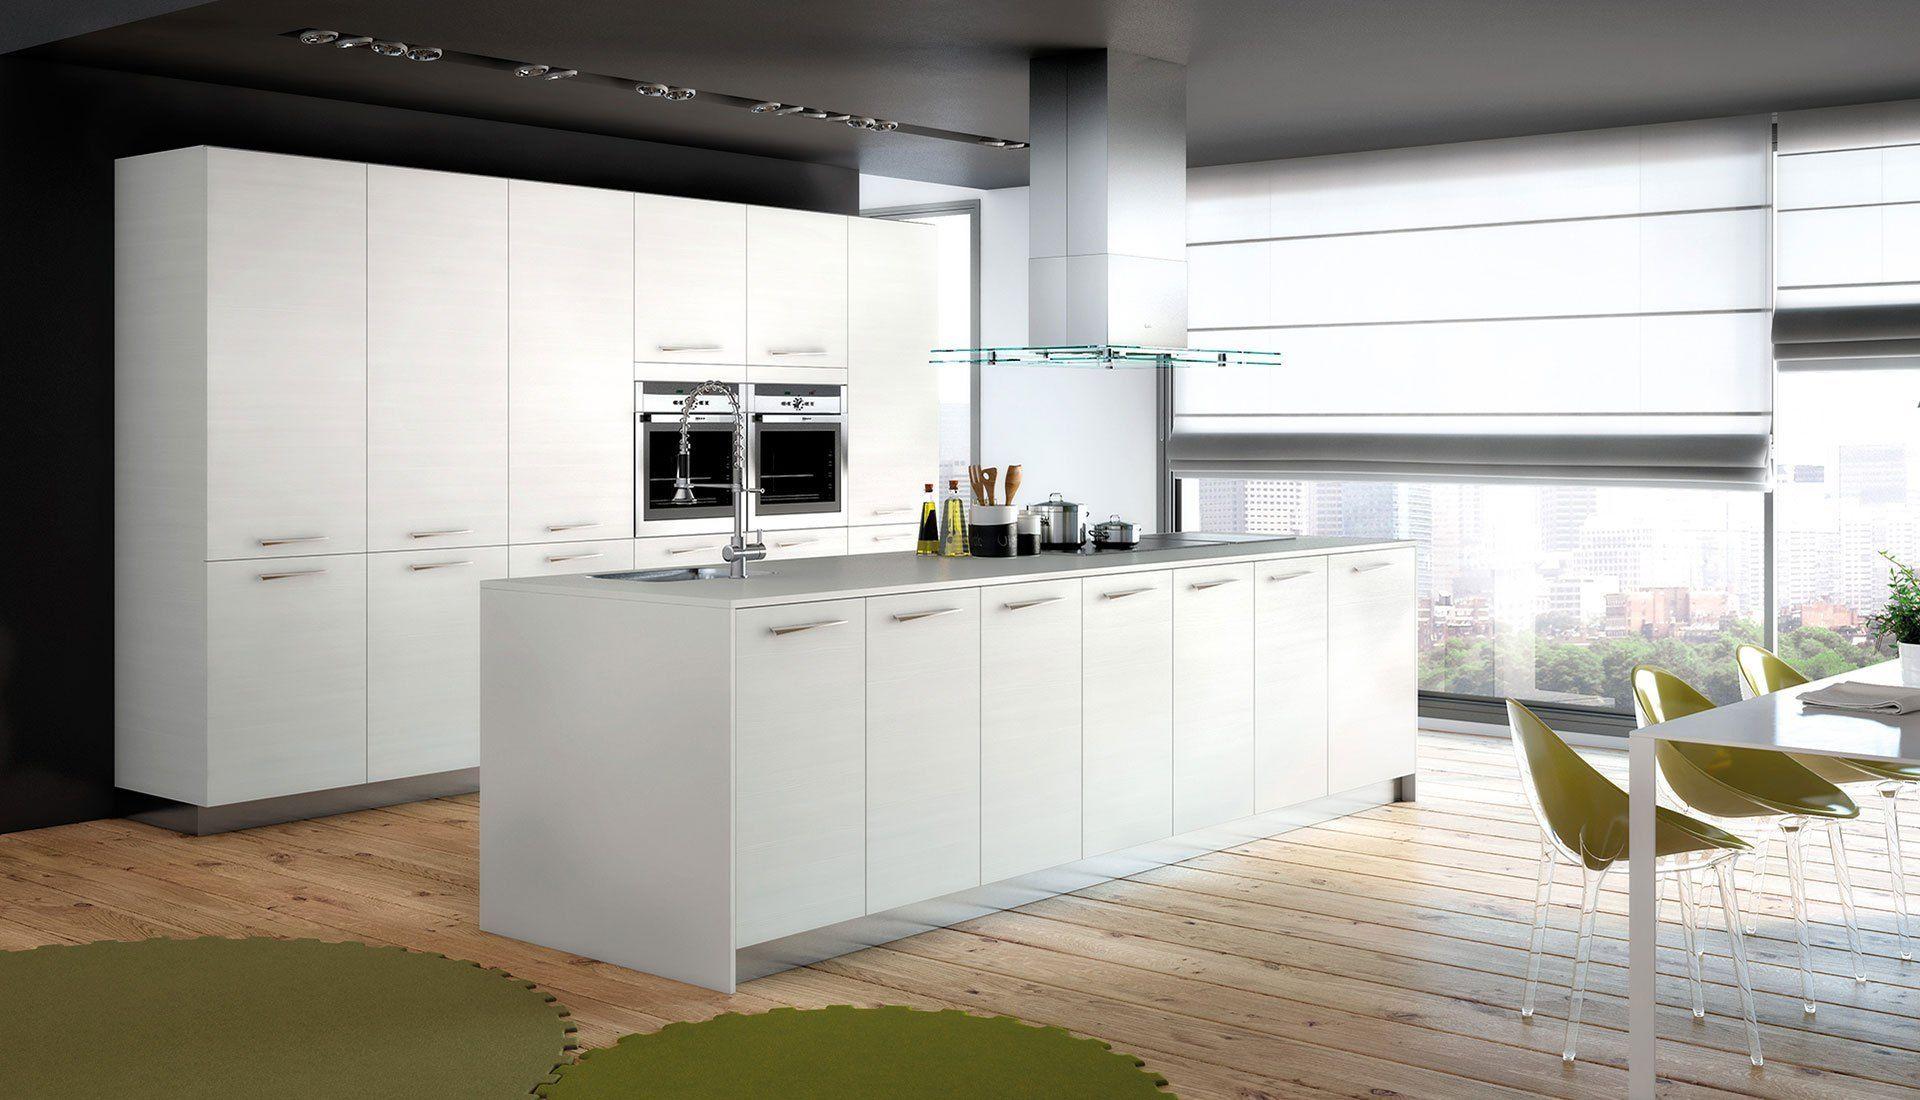 european kitchen cabinet design kitchen design european kitchen cabinets kitchen cabinet design on kitchen ideas european id=64898